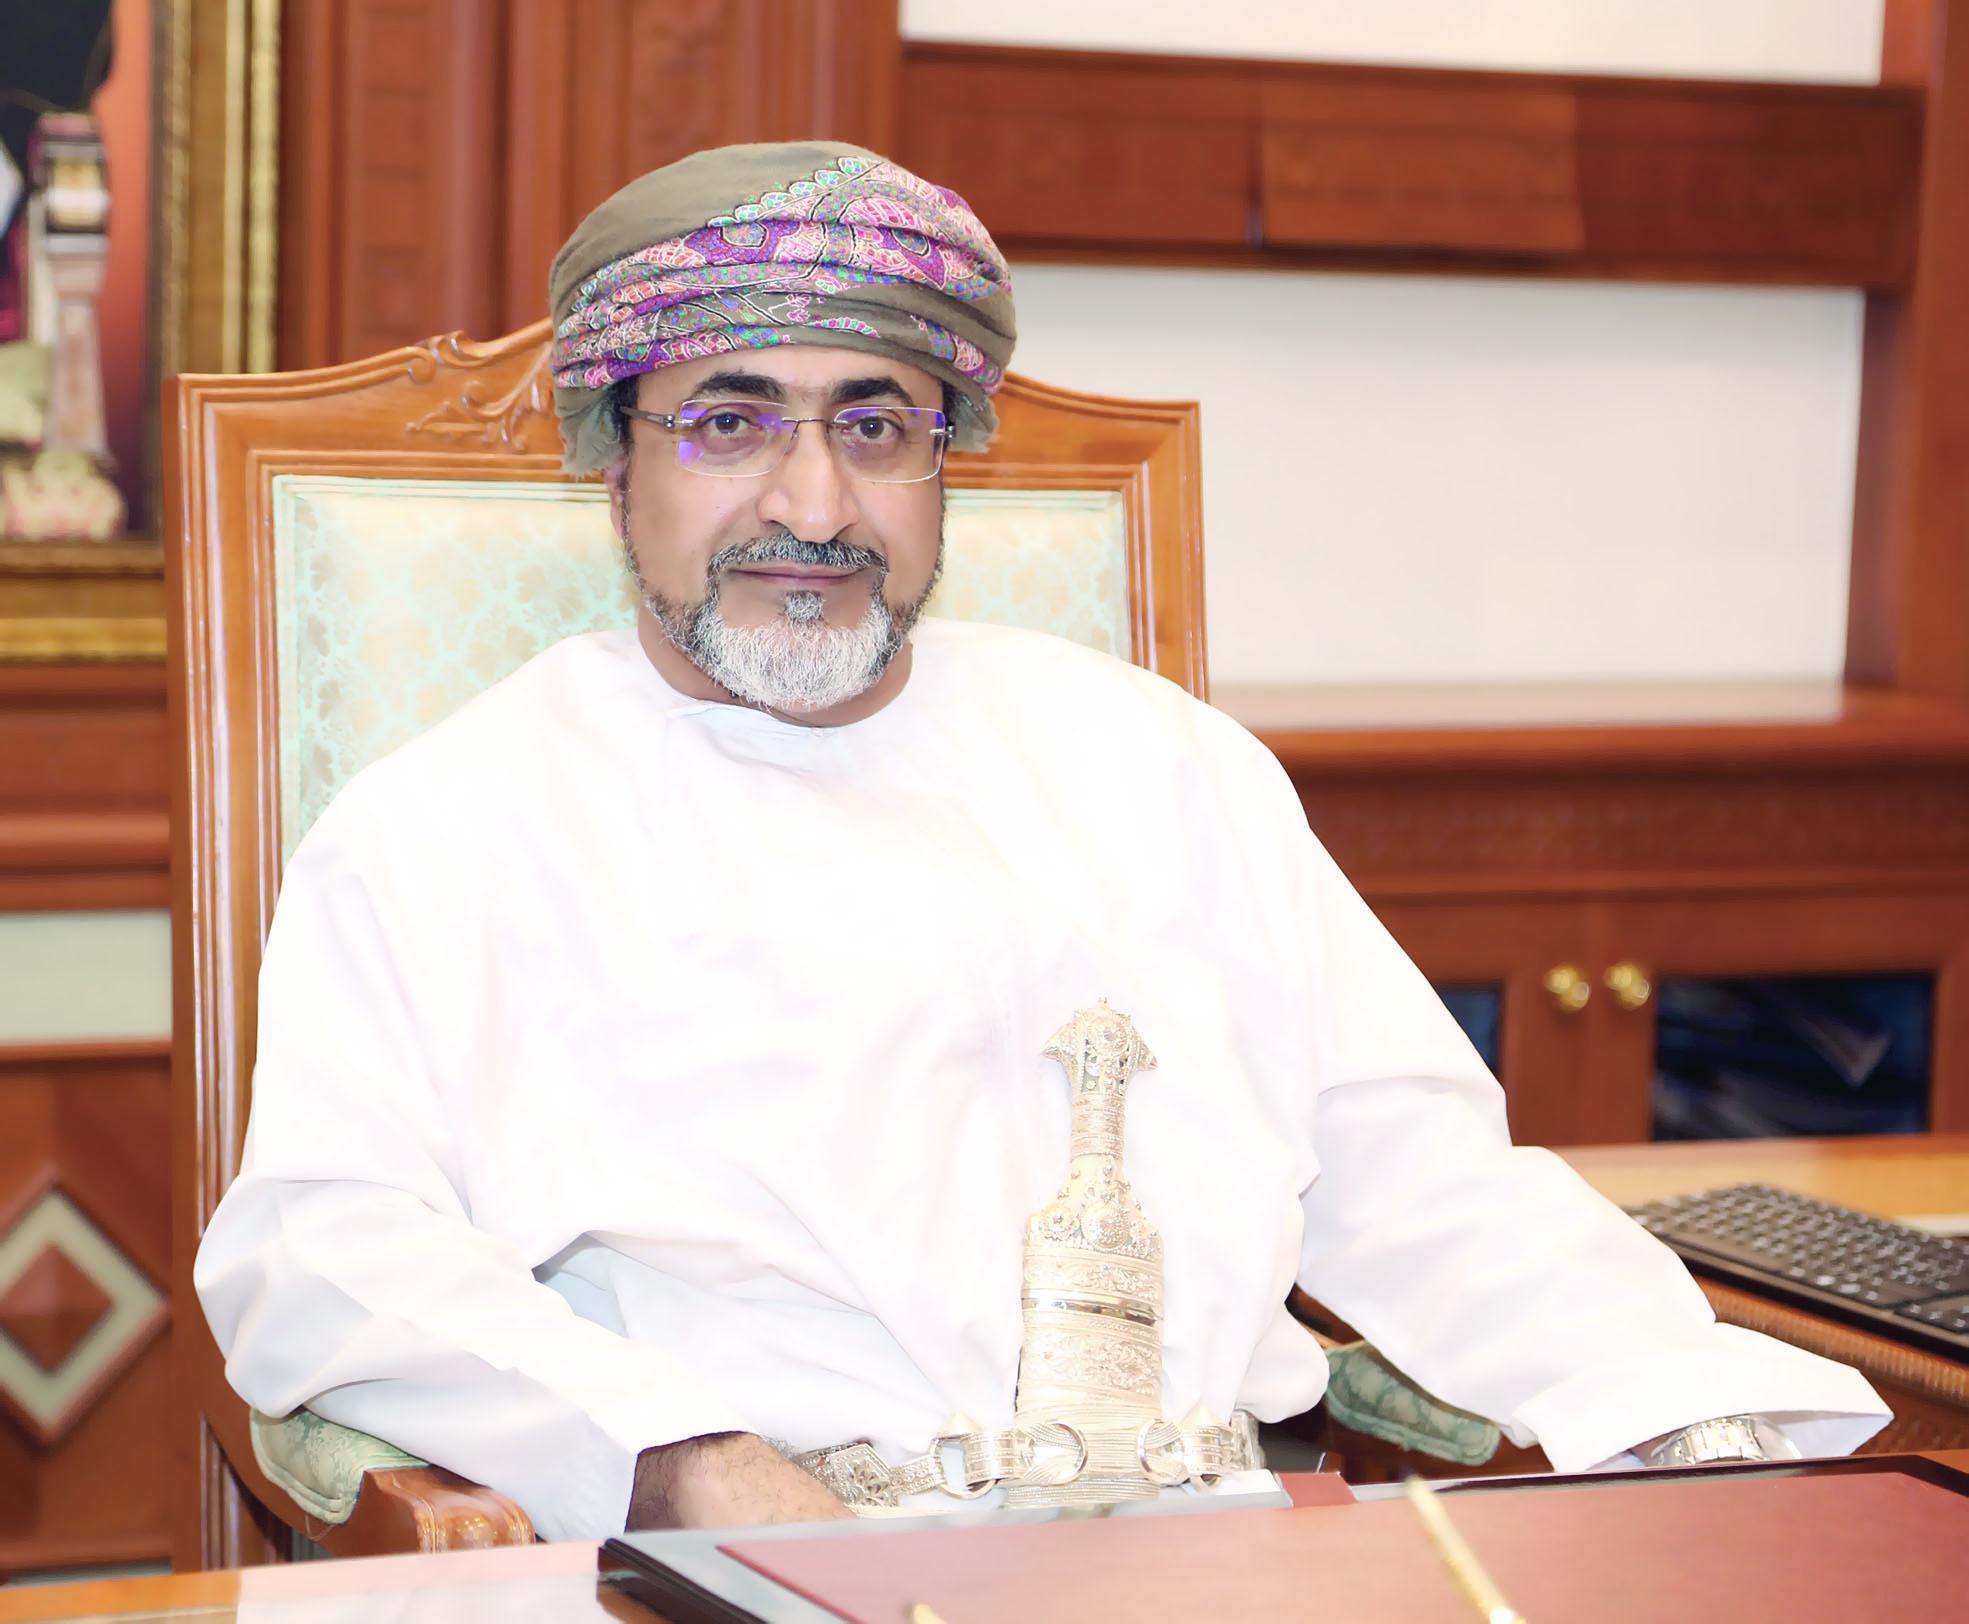 لانعقاد المجلس الوزاري العربي«السياحة» تشارك في الدورة الاعتيادية الـ21